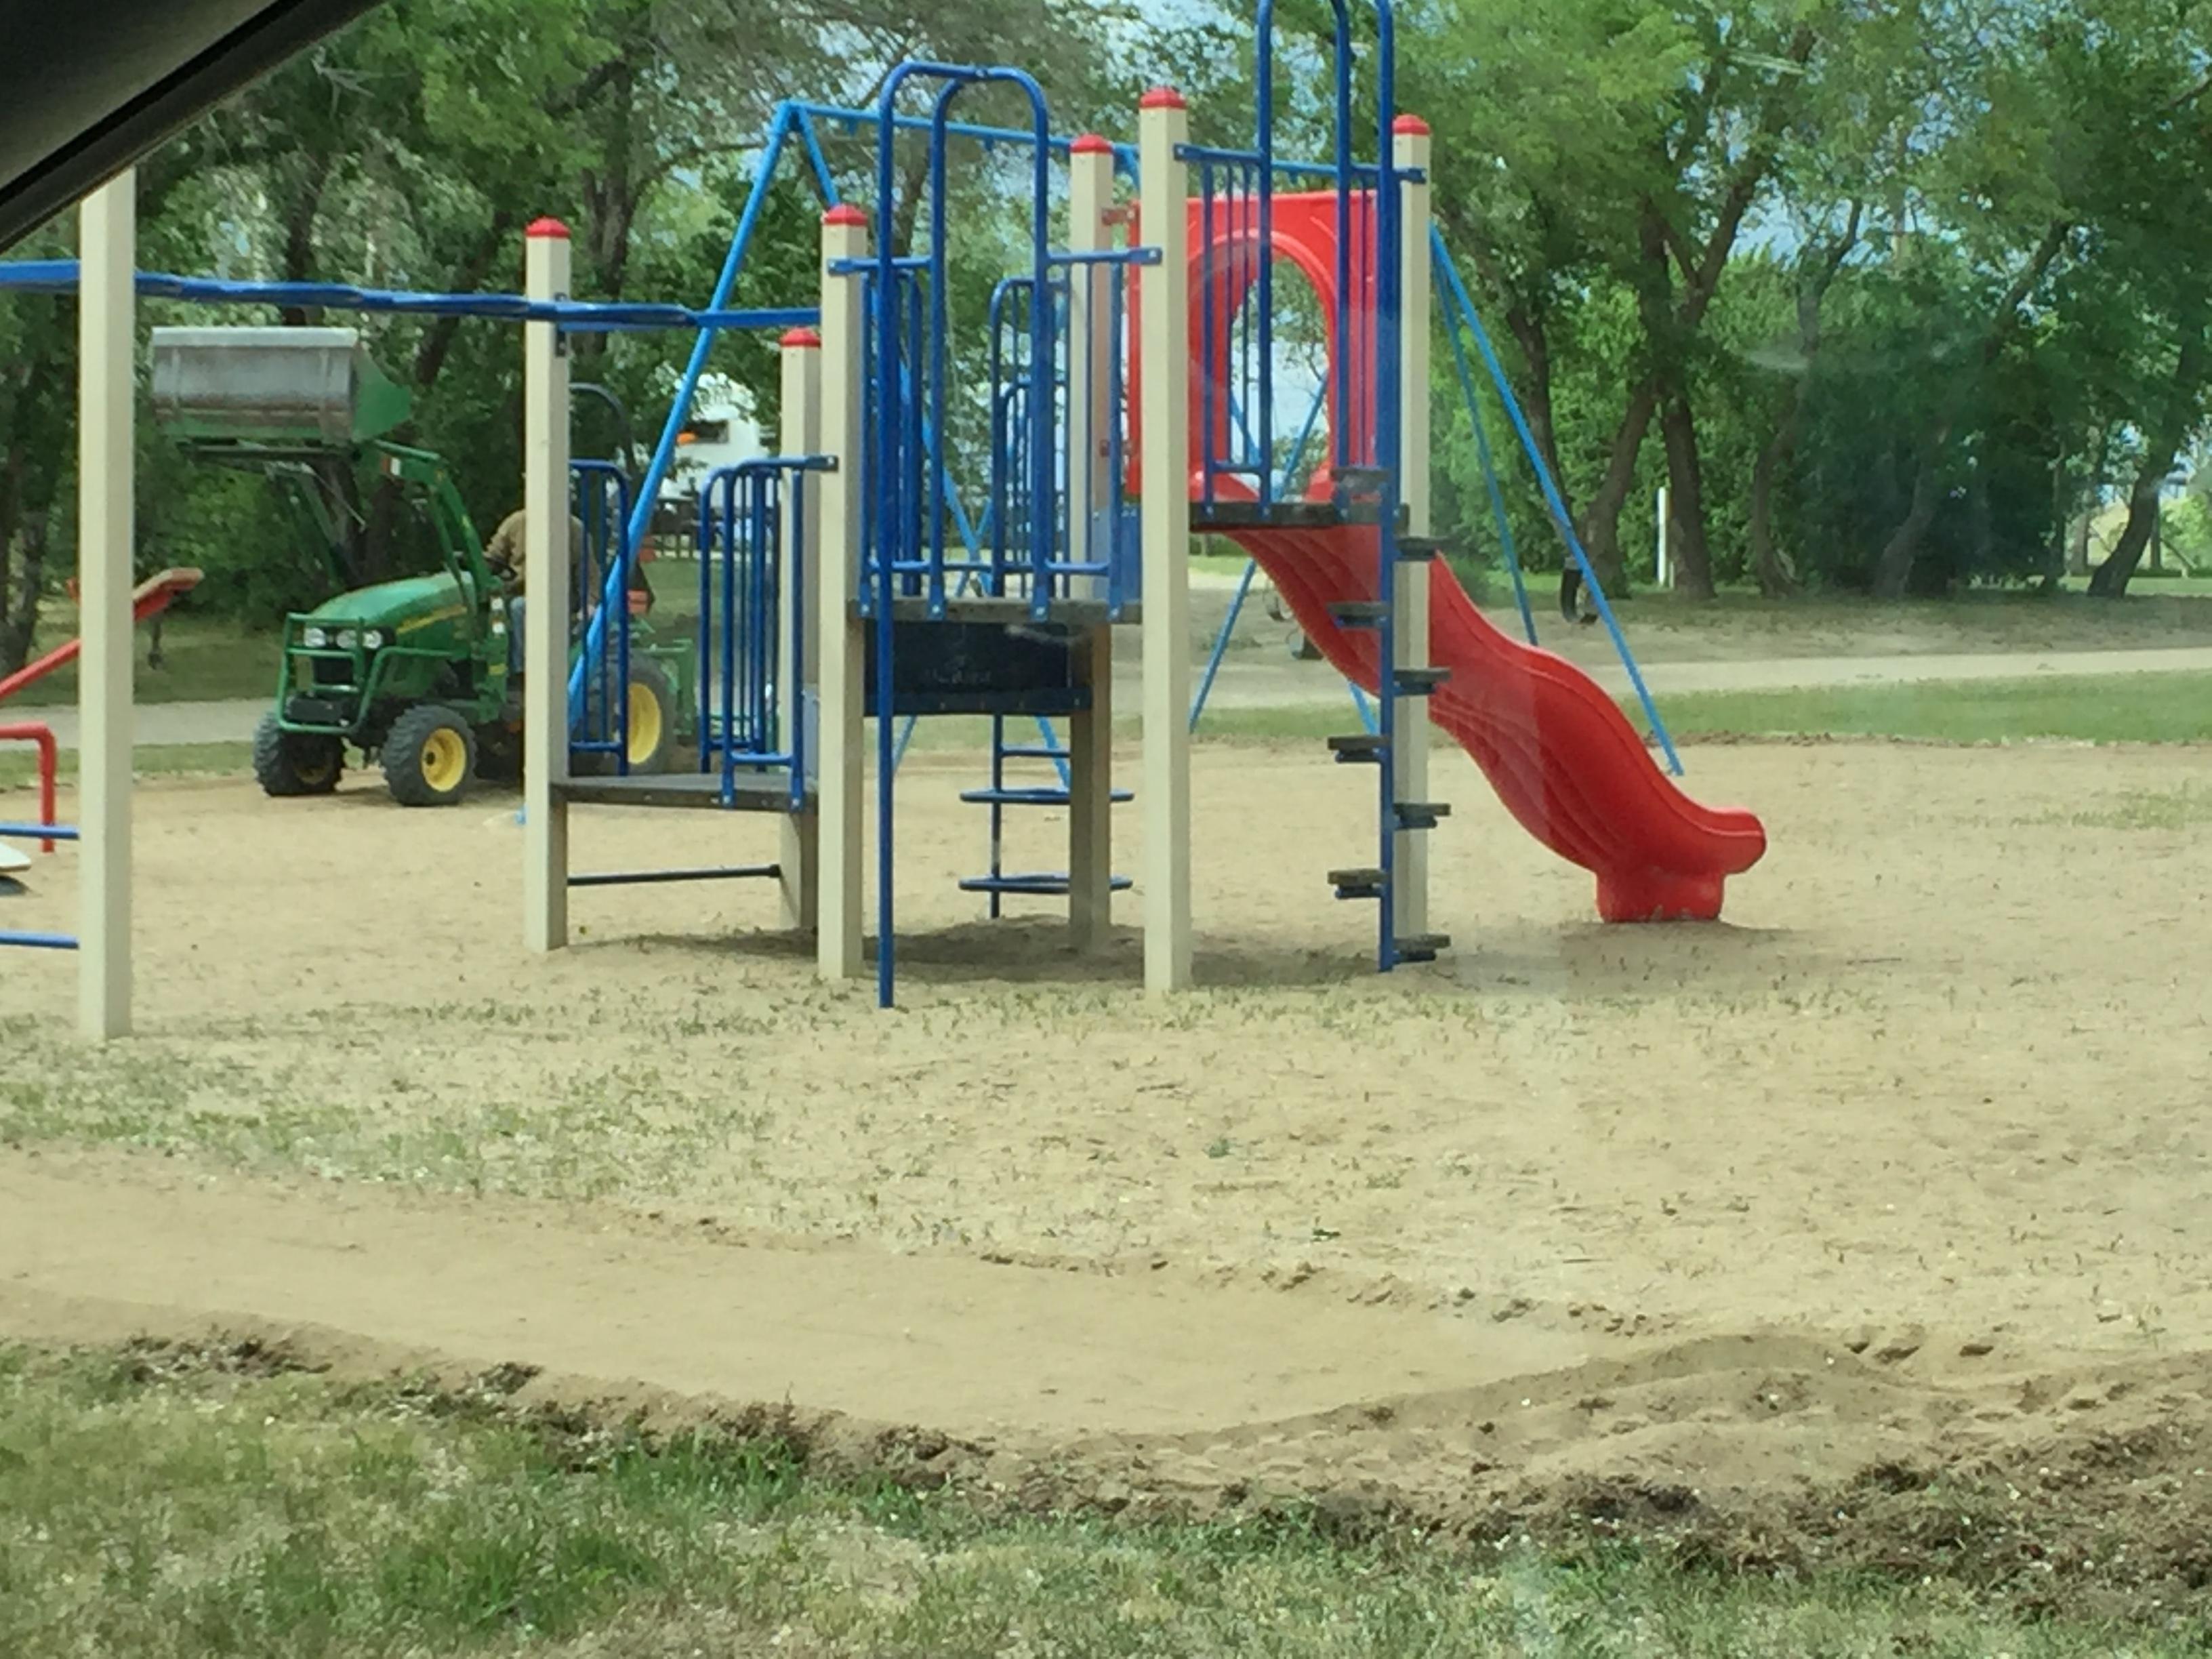 Playground #1